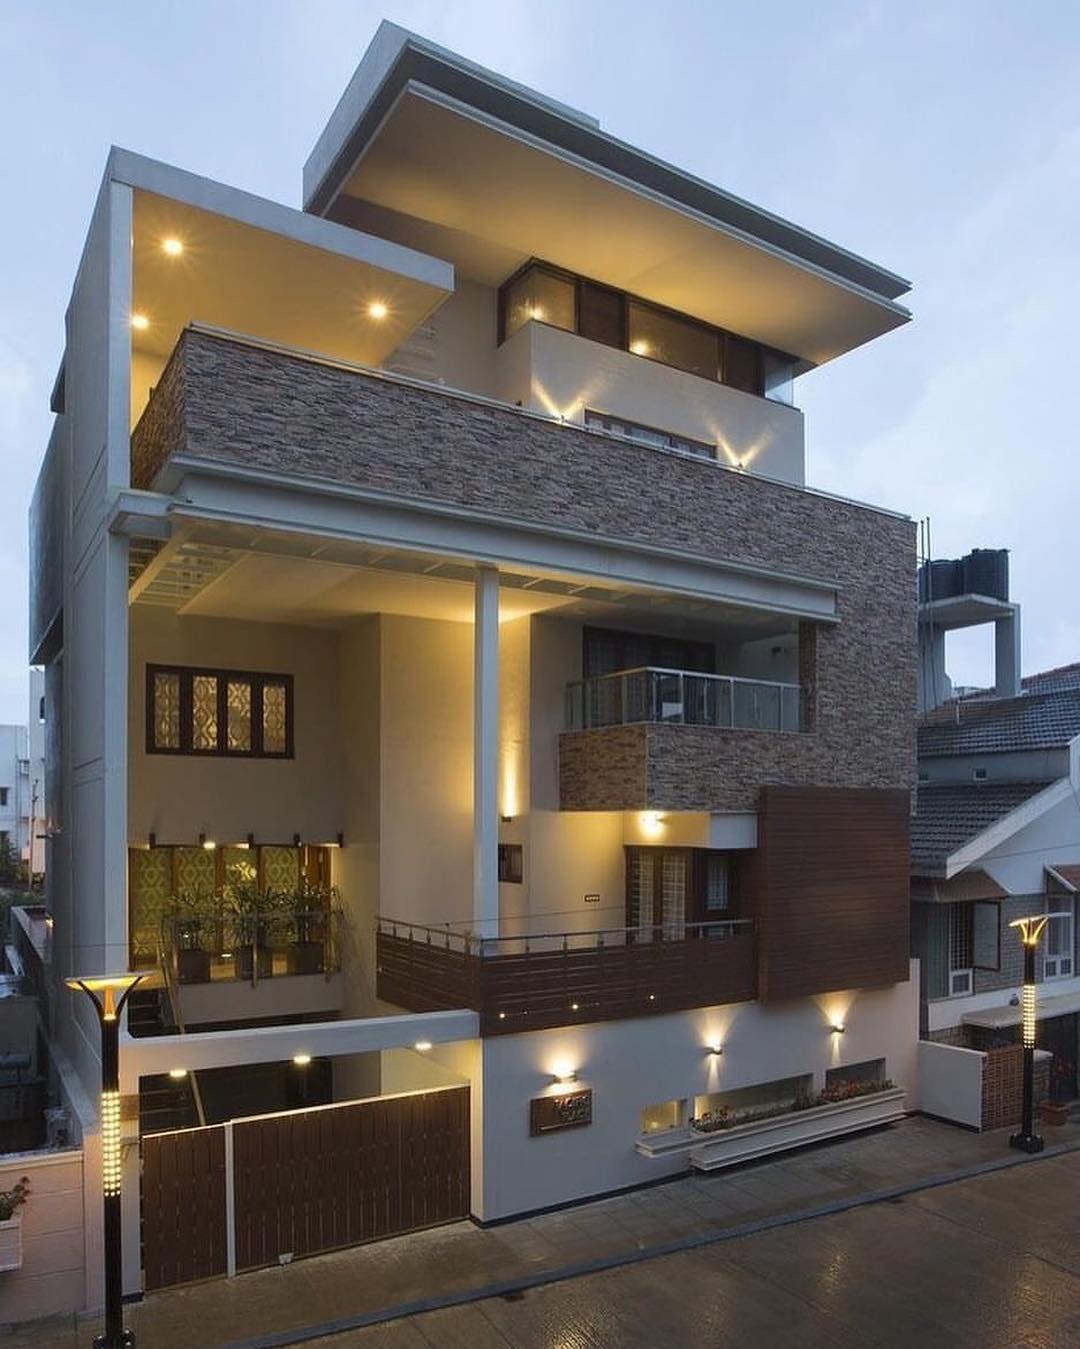 S-Villa 29 By Technoarchitecture Location: #Bangalore